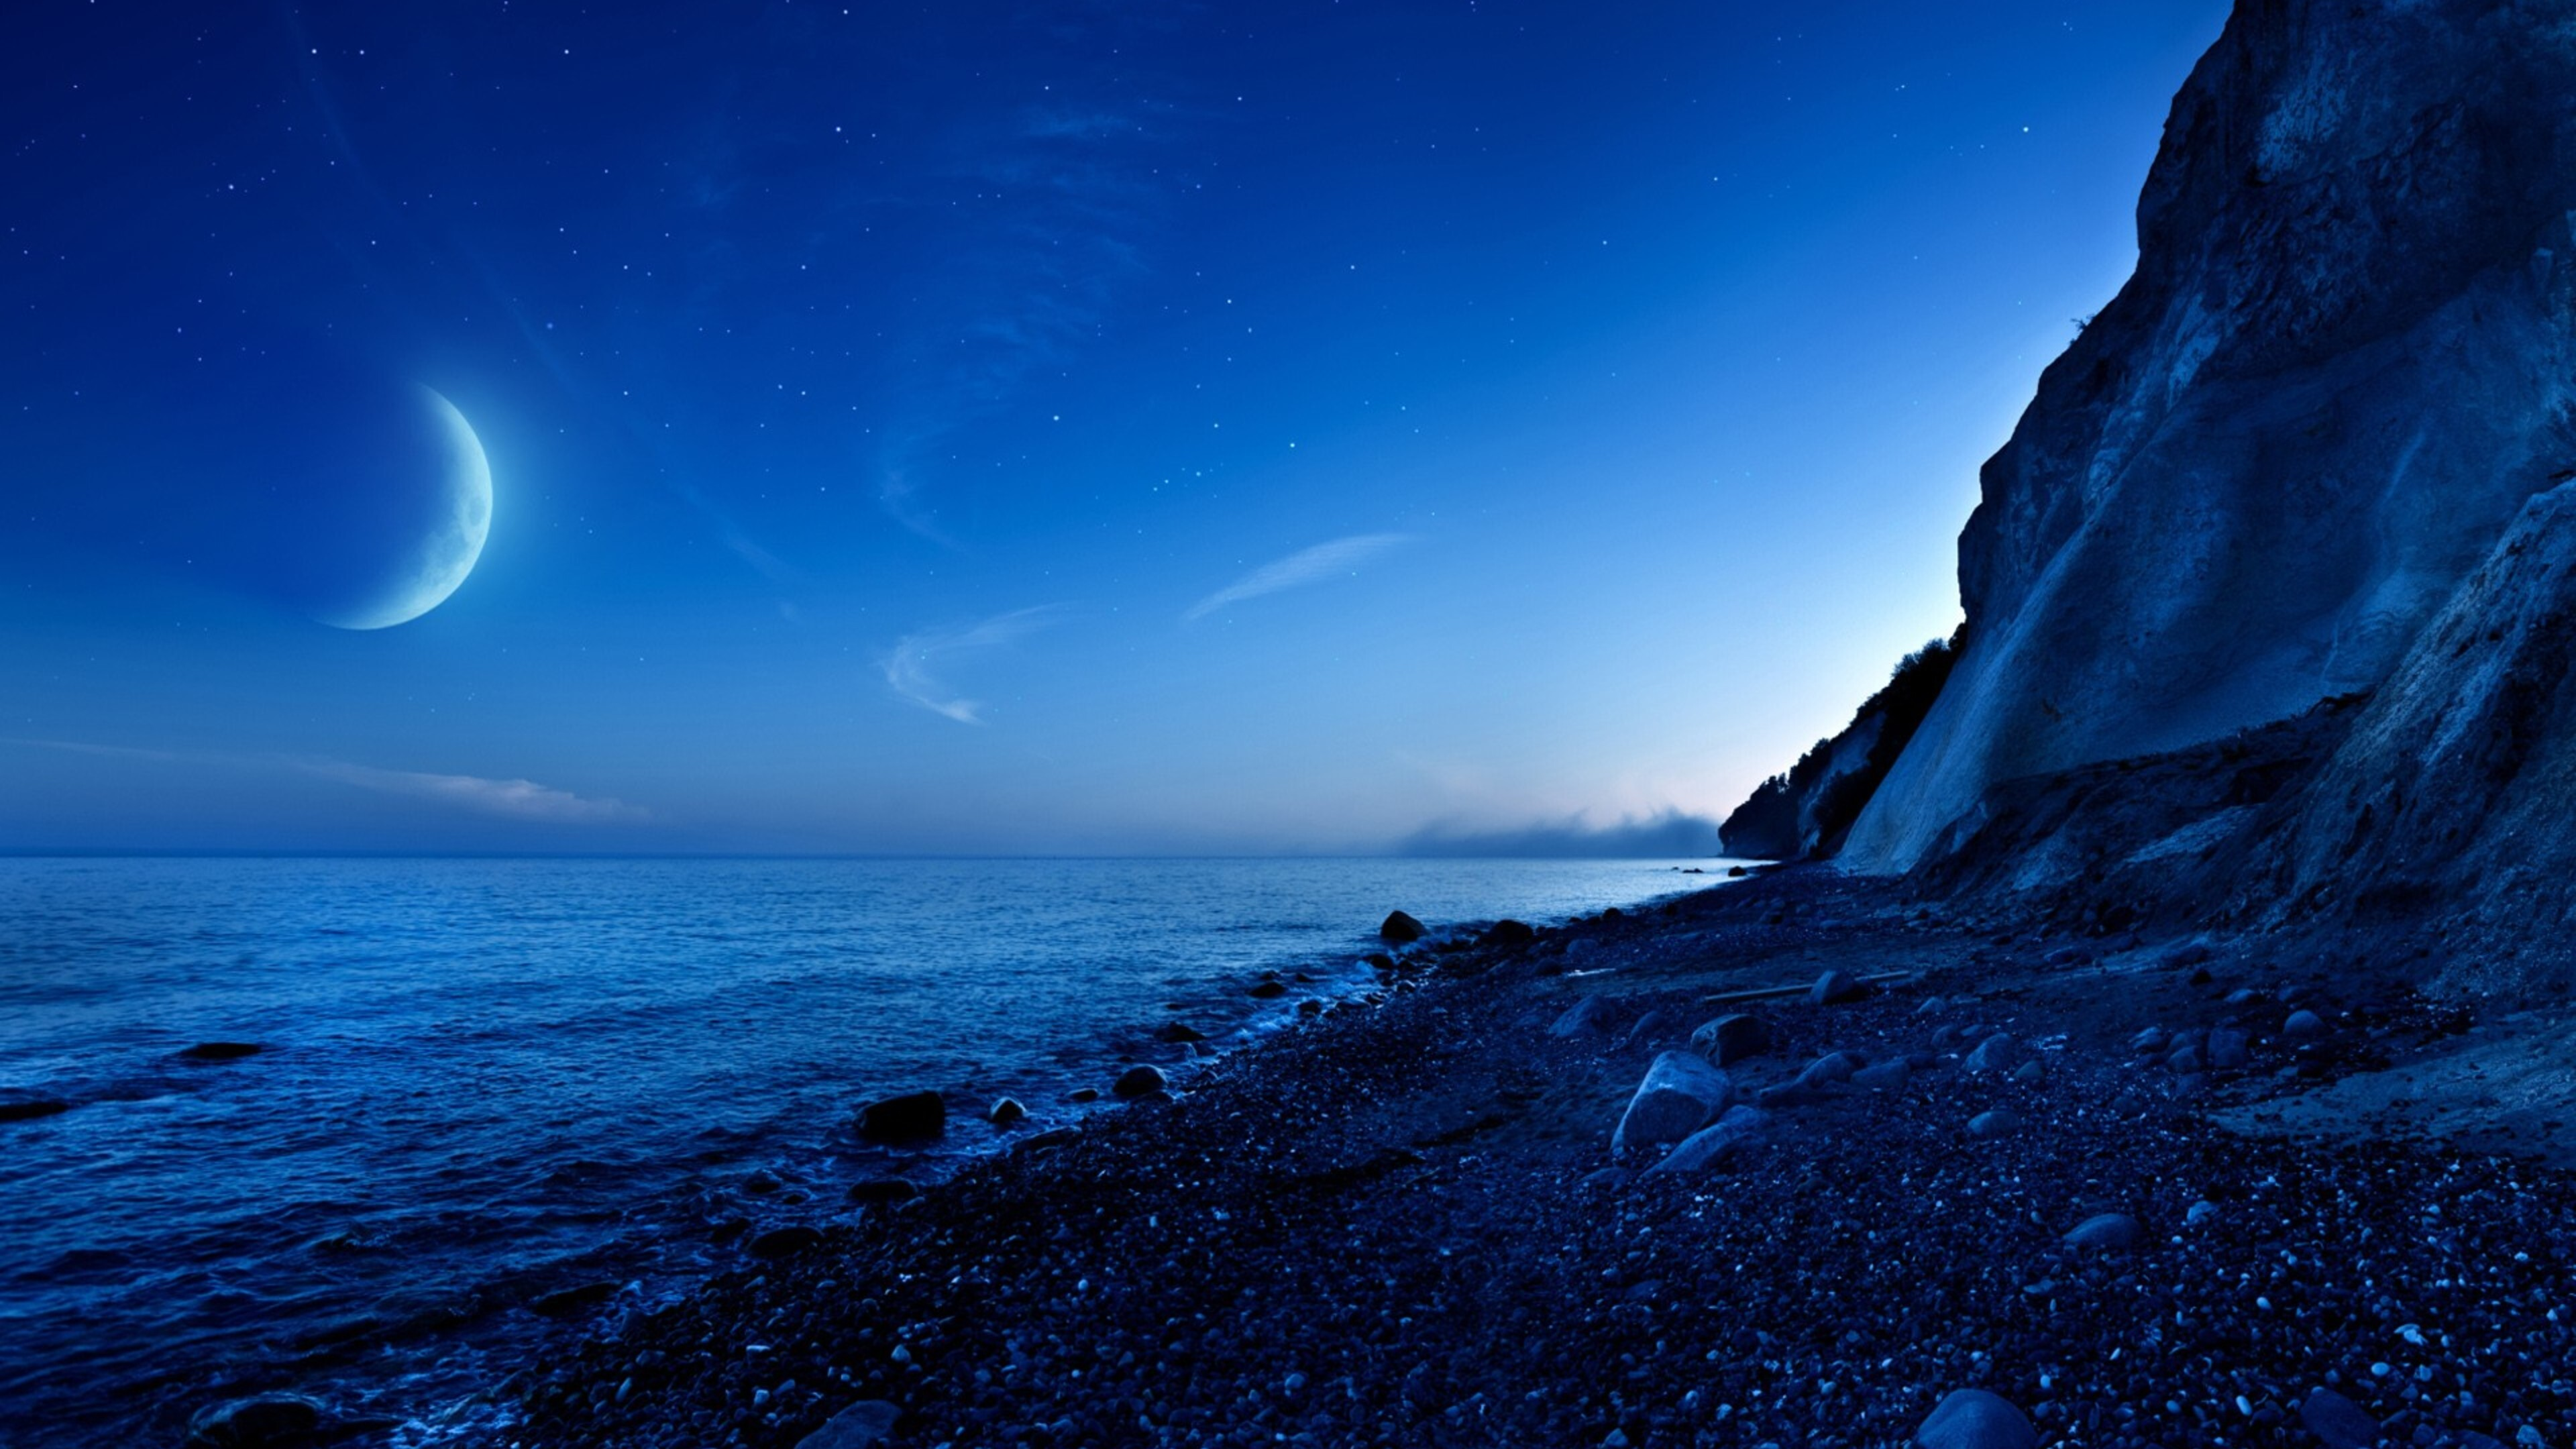 nightfall-mountain-sea-moon.jpg